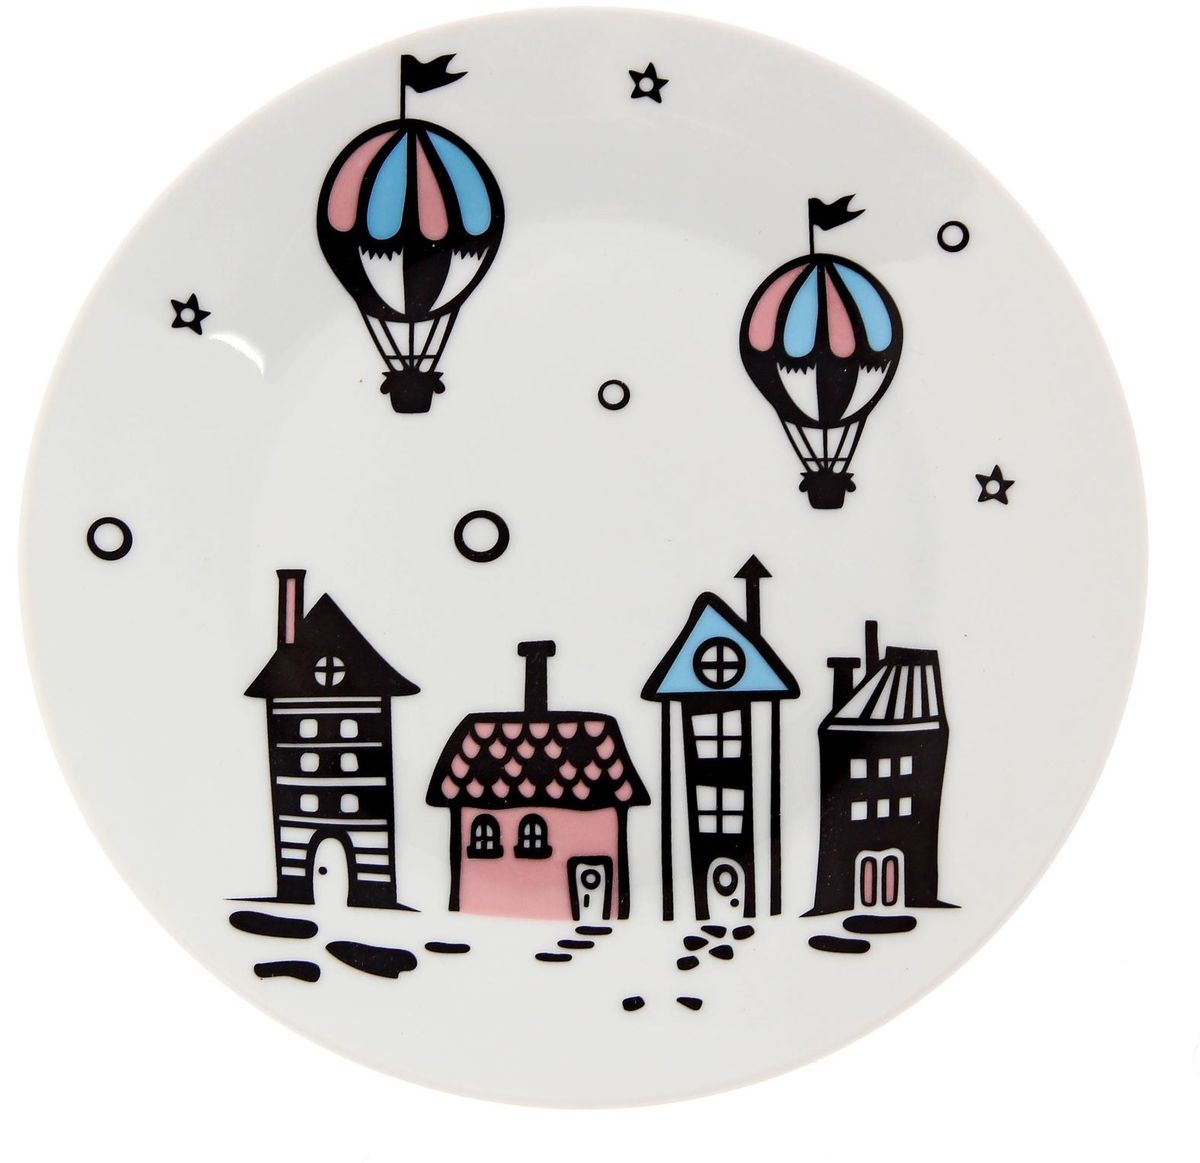 Тарелка мелкая Сотвори чудо Воздушный город, диаметр 20 см тарелка сотвори чудо киска диаметр 23 см